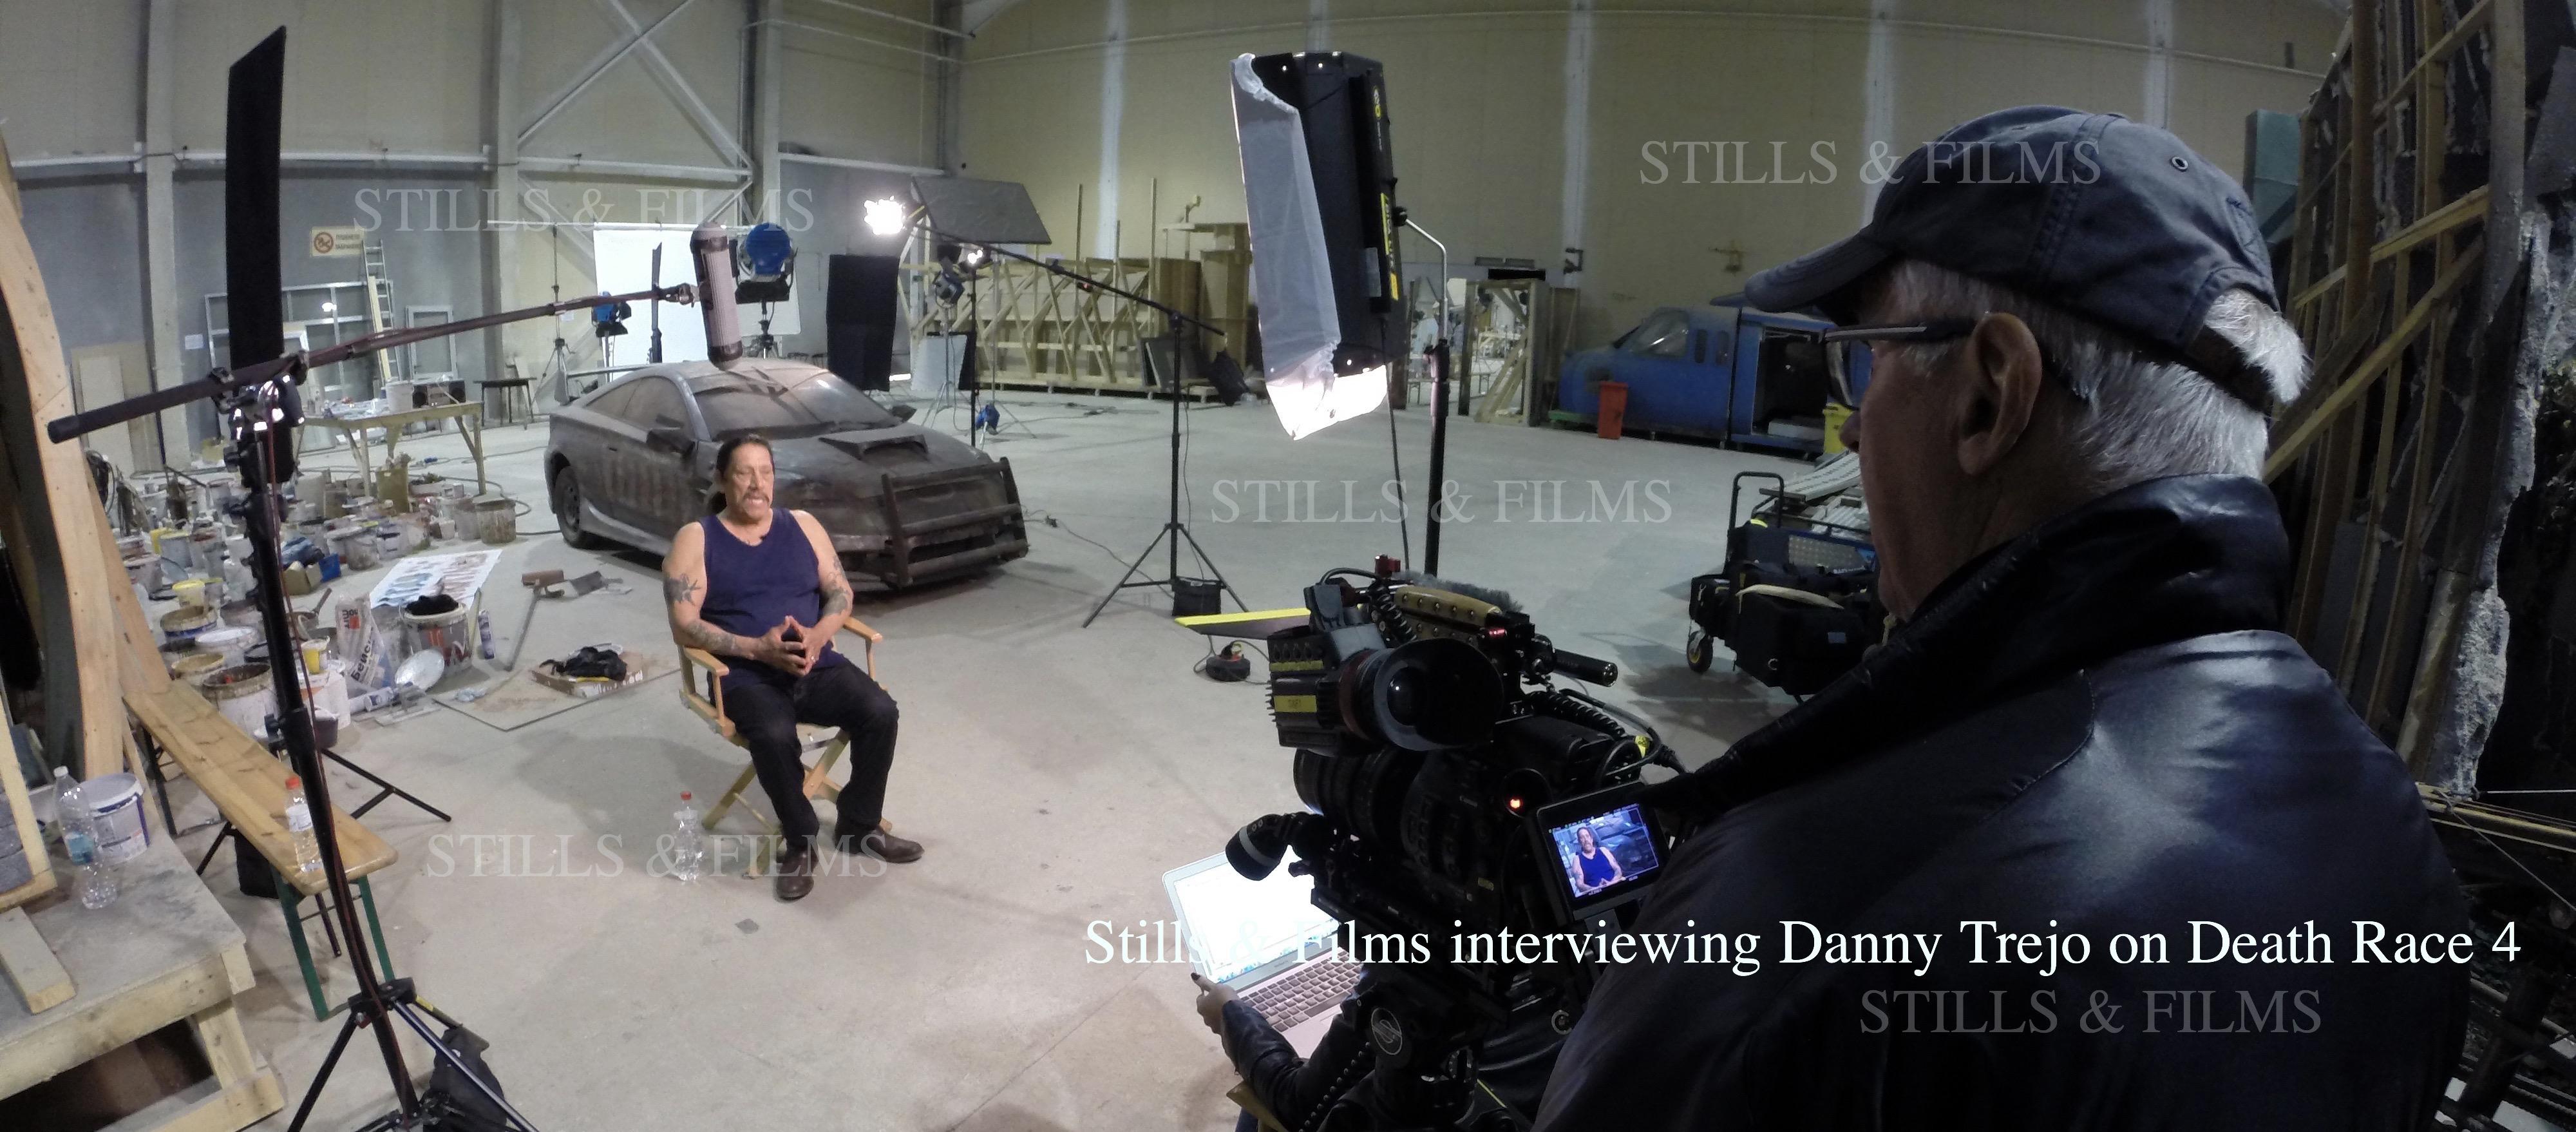 Interviewing Danny Trejo in Sofia